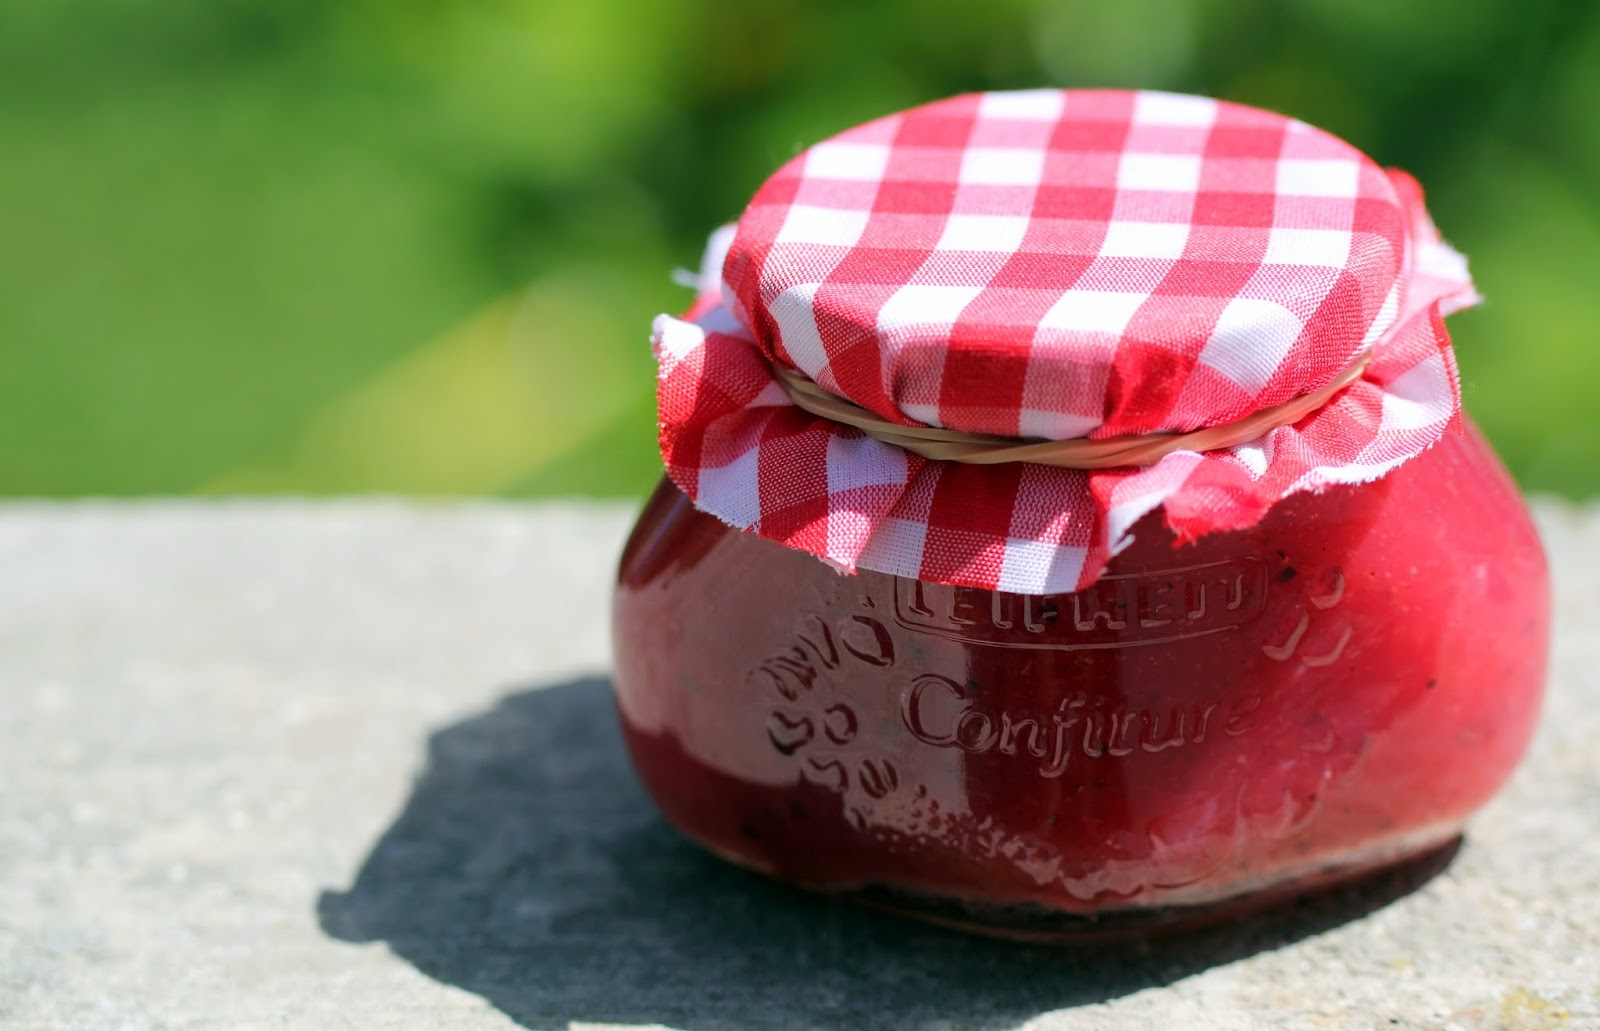 blogschokolade butterpost johannisbeer pfirsich marmelade. Black Bedroom Furniture Sets. Home Design Ideas